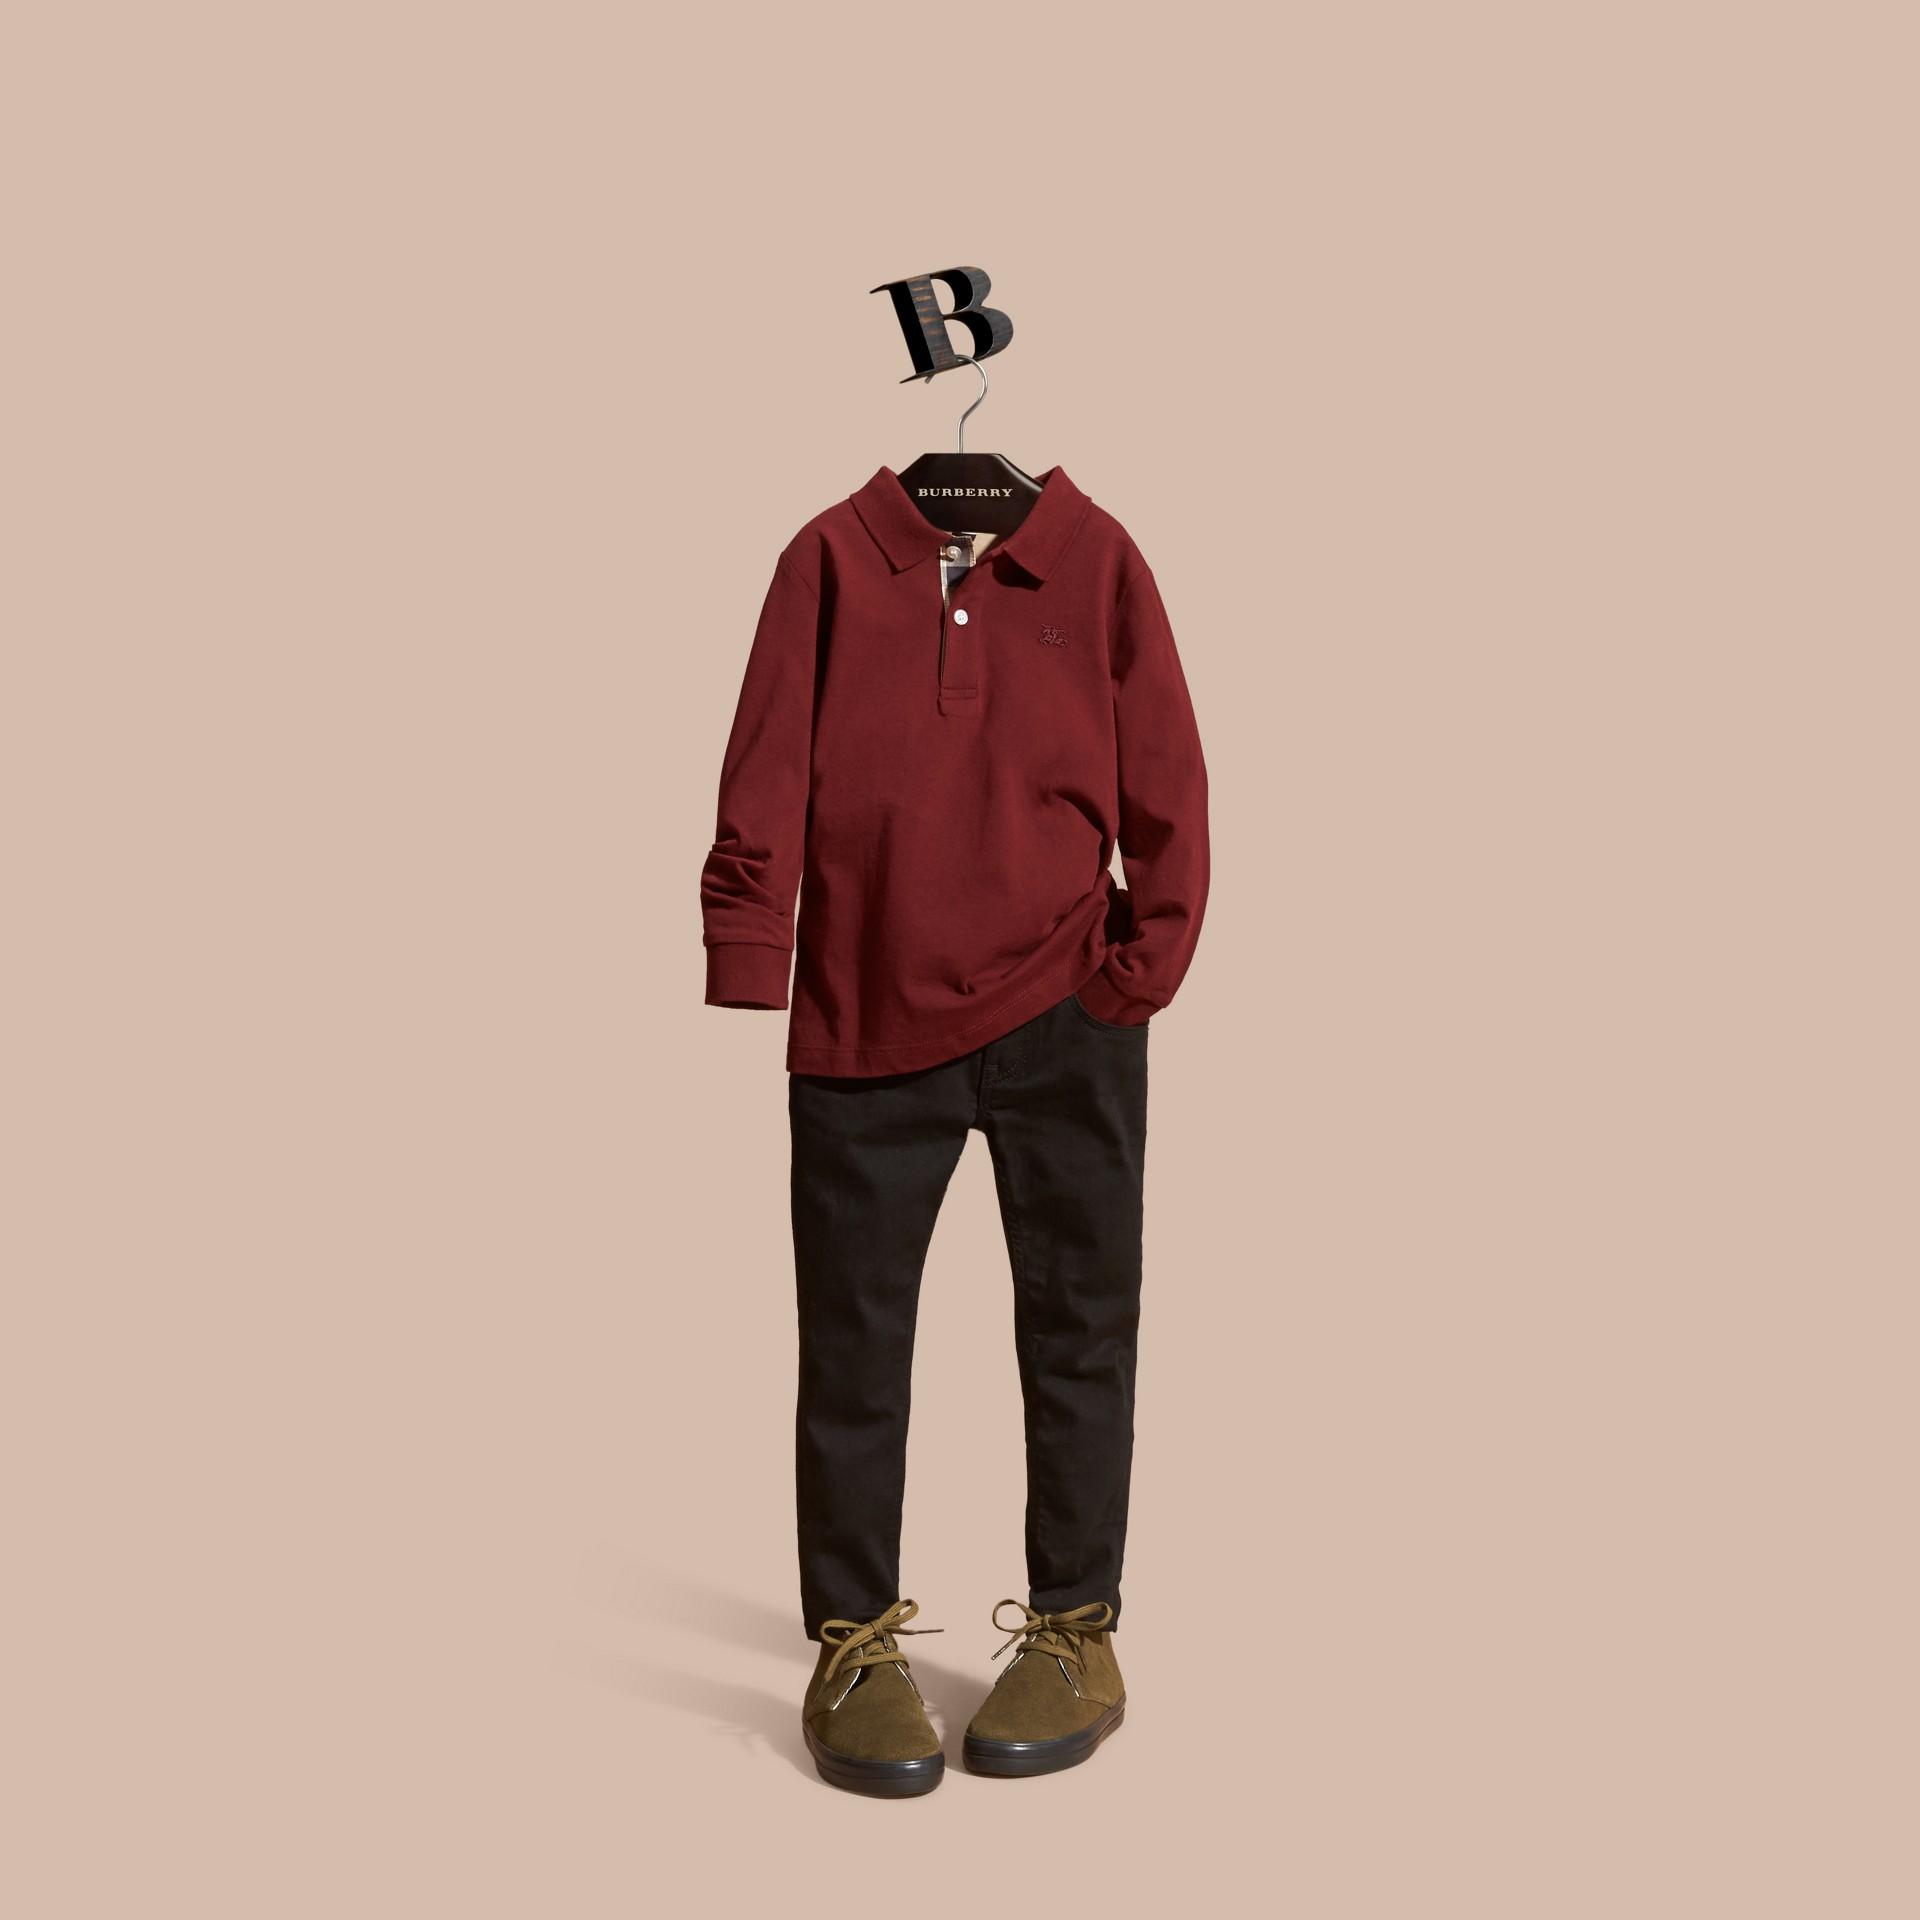 Rosso borgogna Polo in cotone a maniche lunghe Rosso Borgogna - immagine della galleria 1